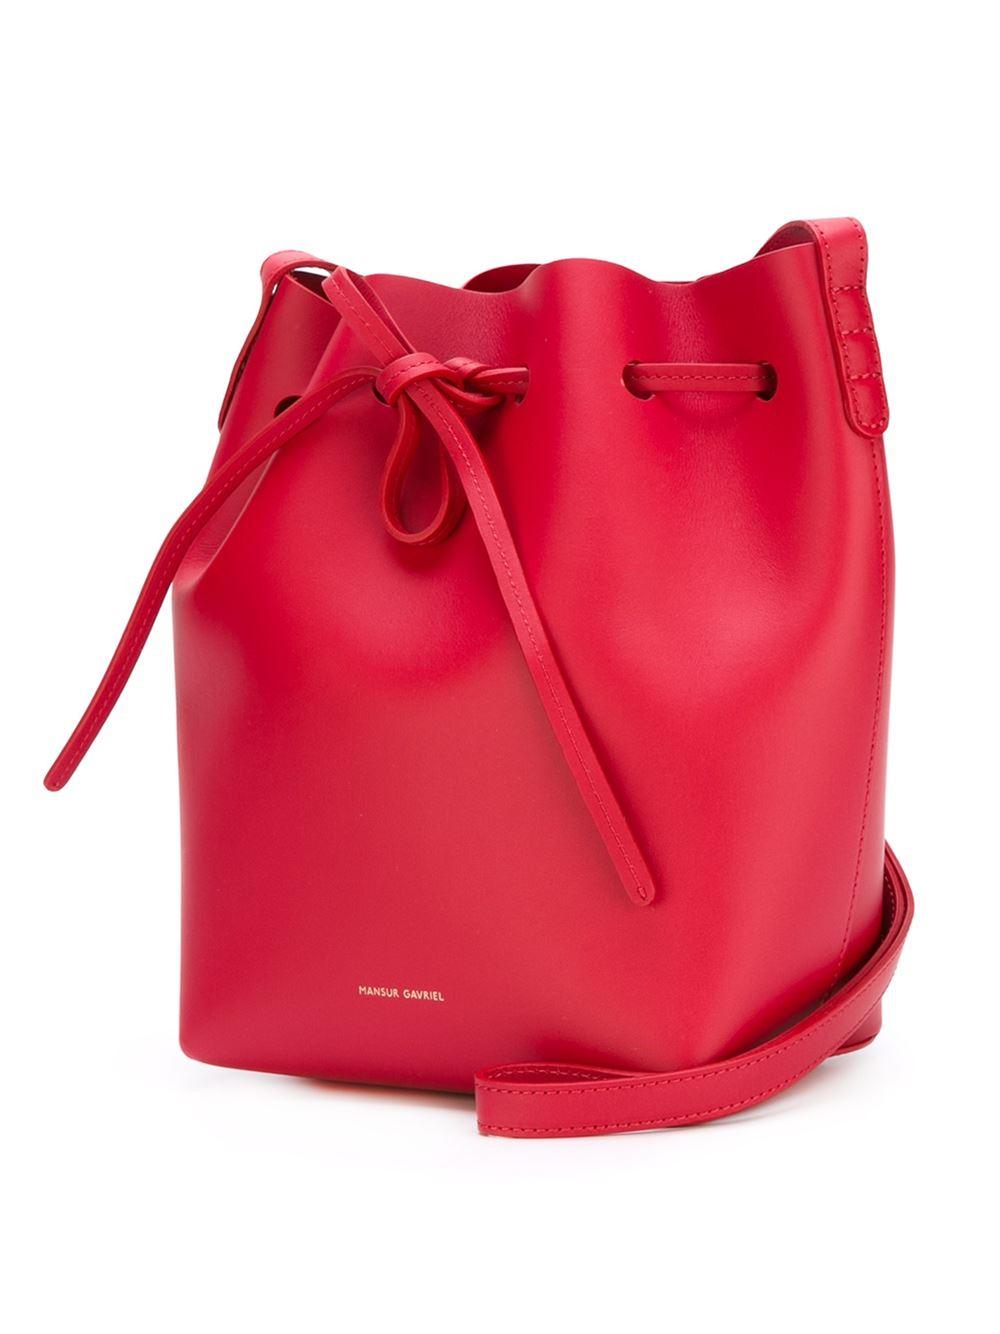 mansur gavriel bucket bag in red lyst. Black Bedroom Furniture Sets. Home Design Ideas